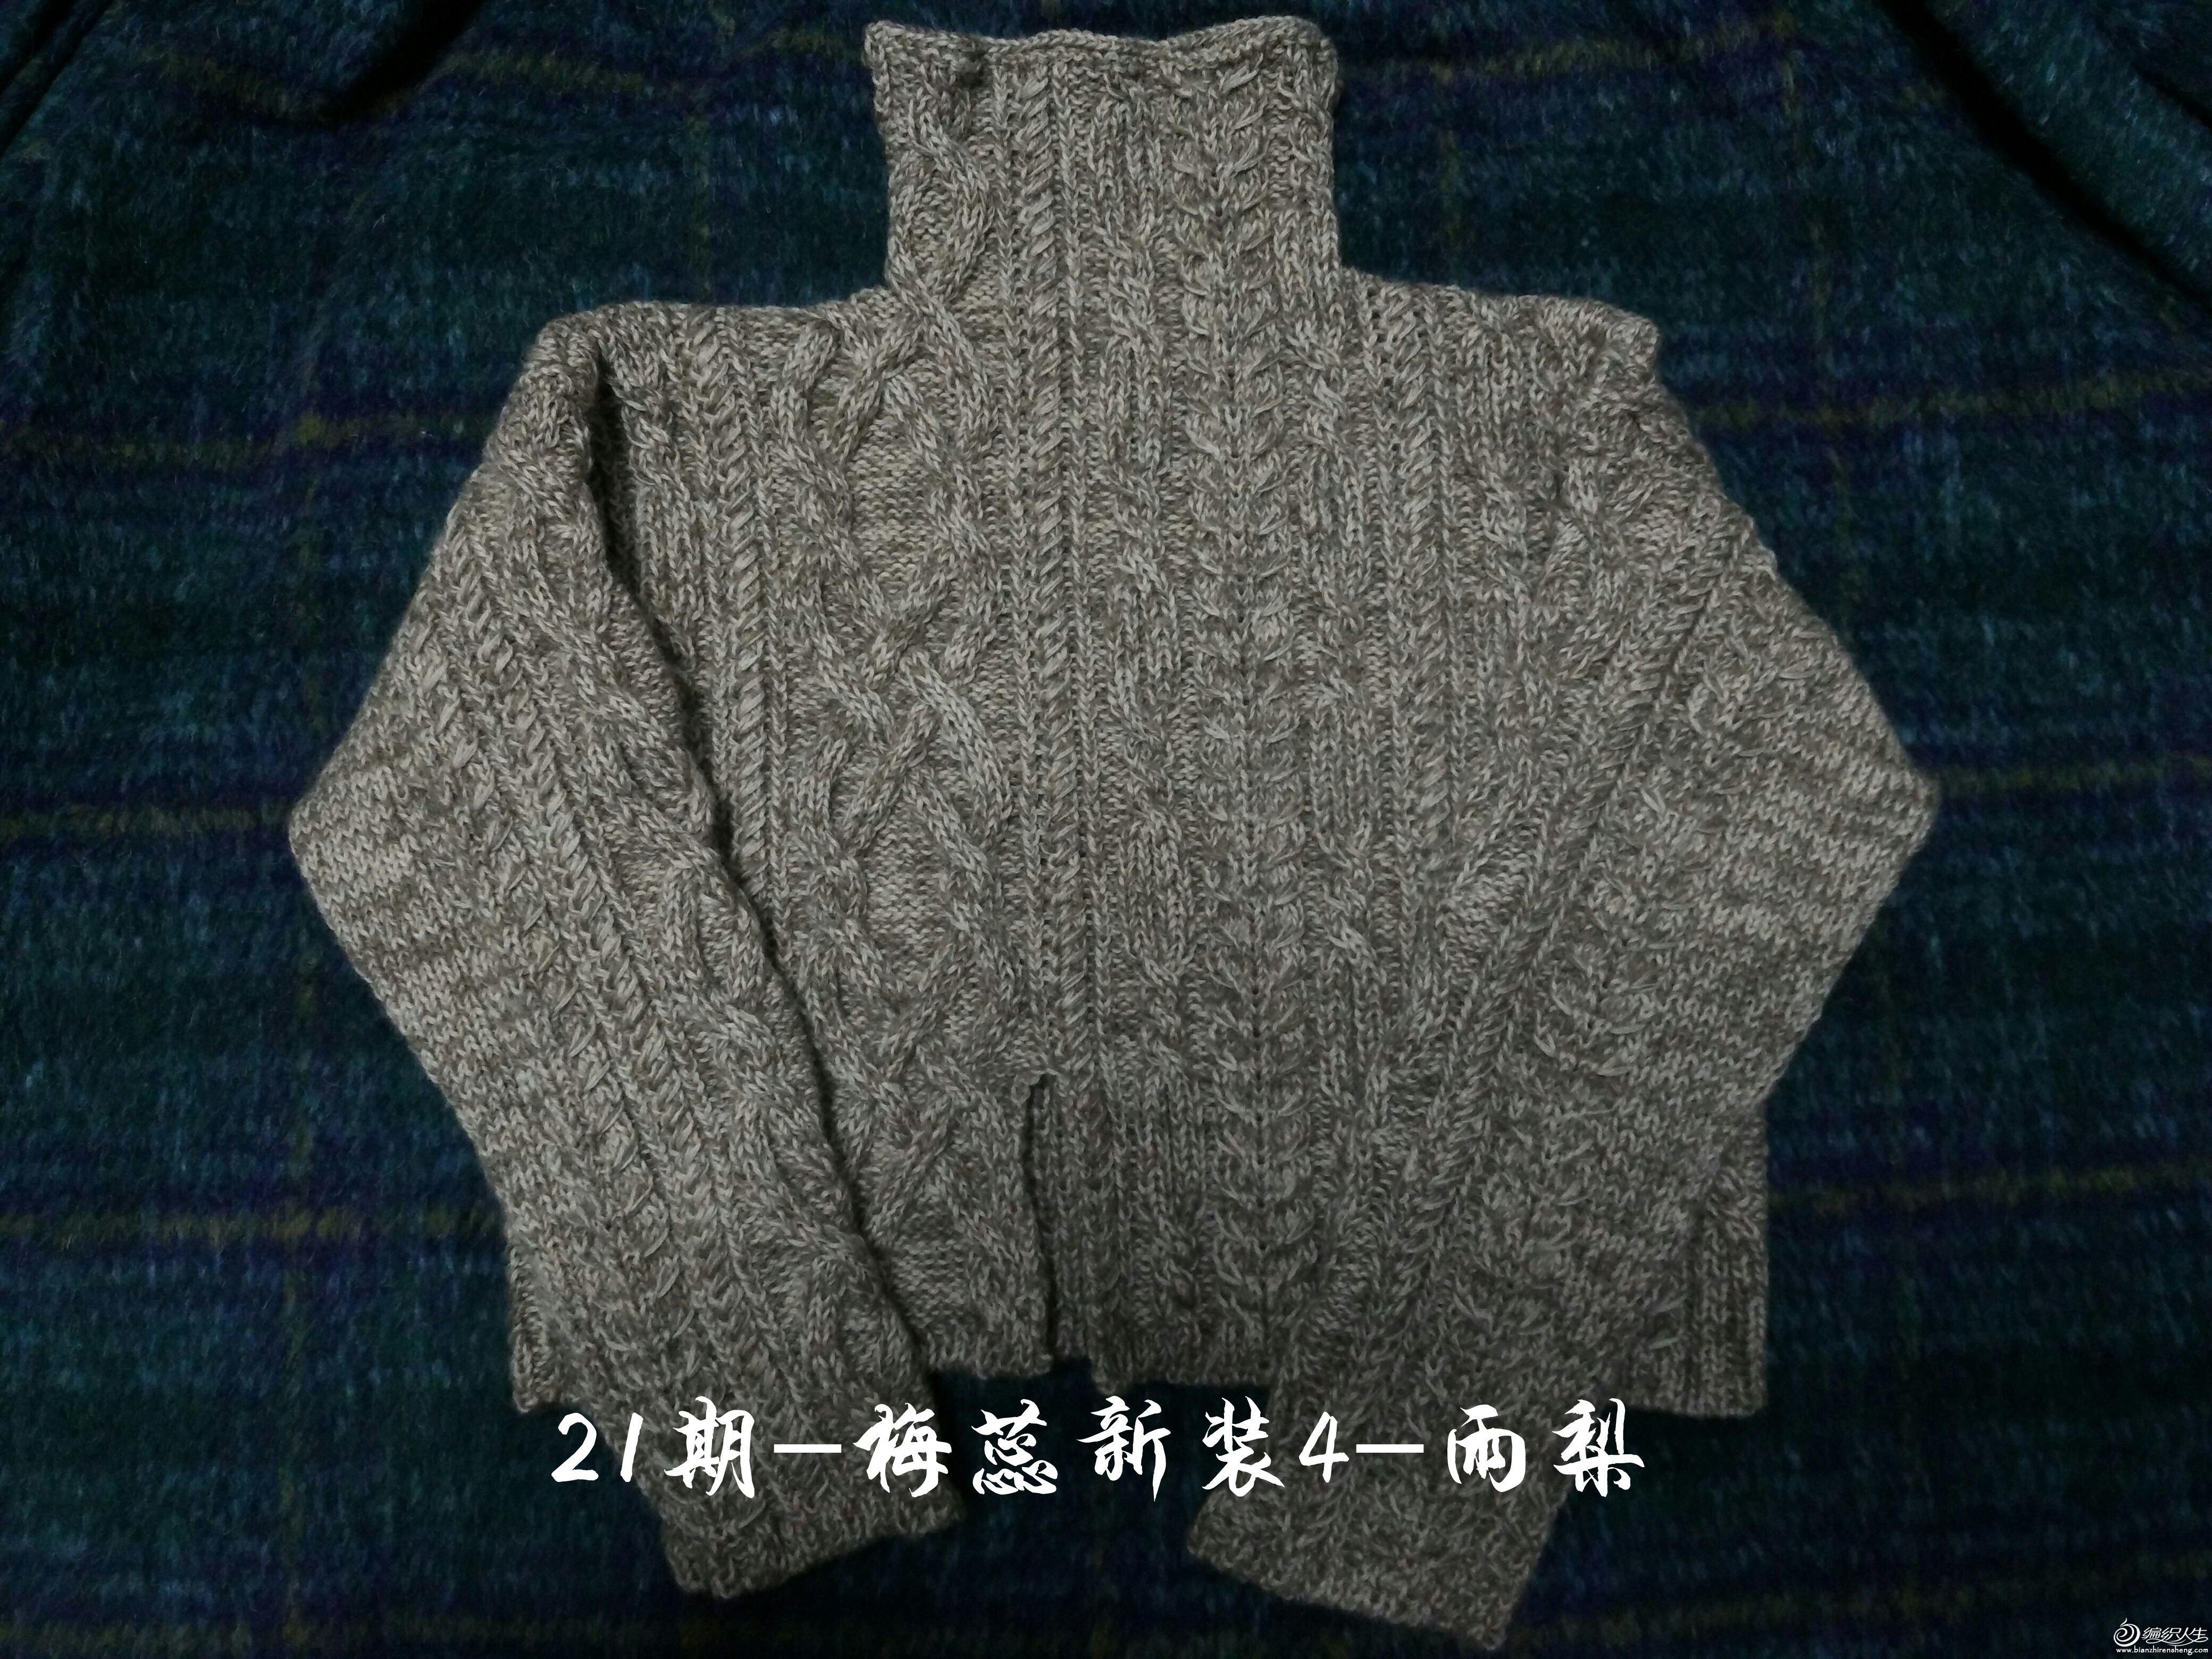 21期-梅蕊新装4-雨梨 (1).jpg